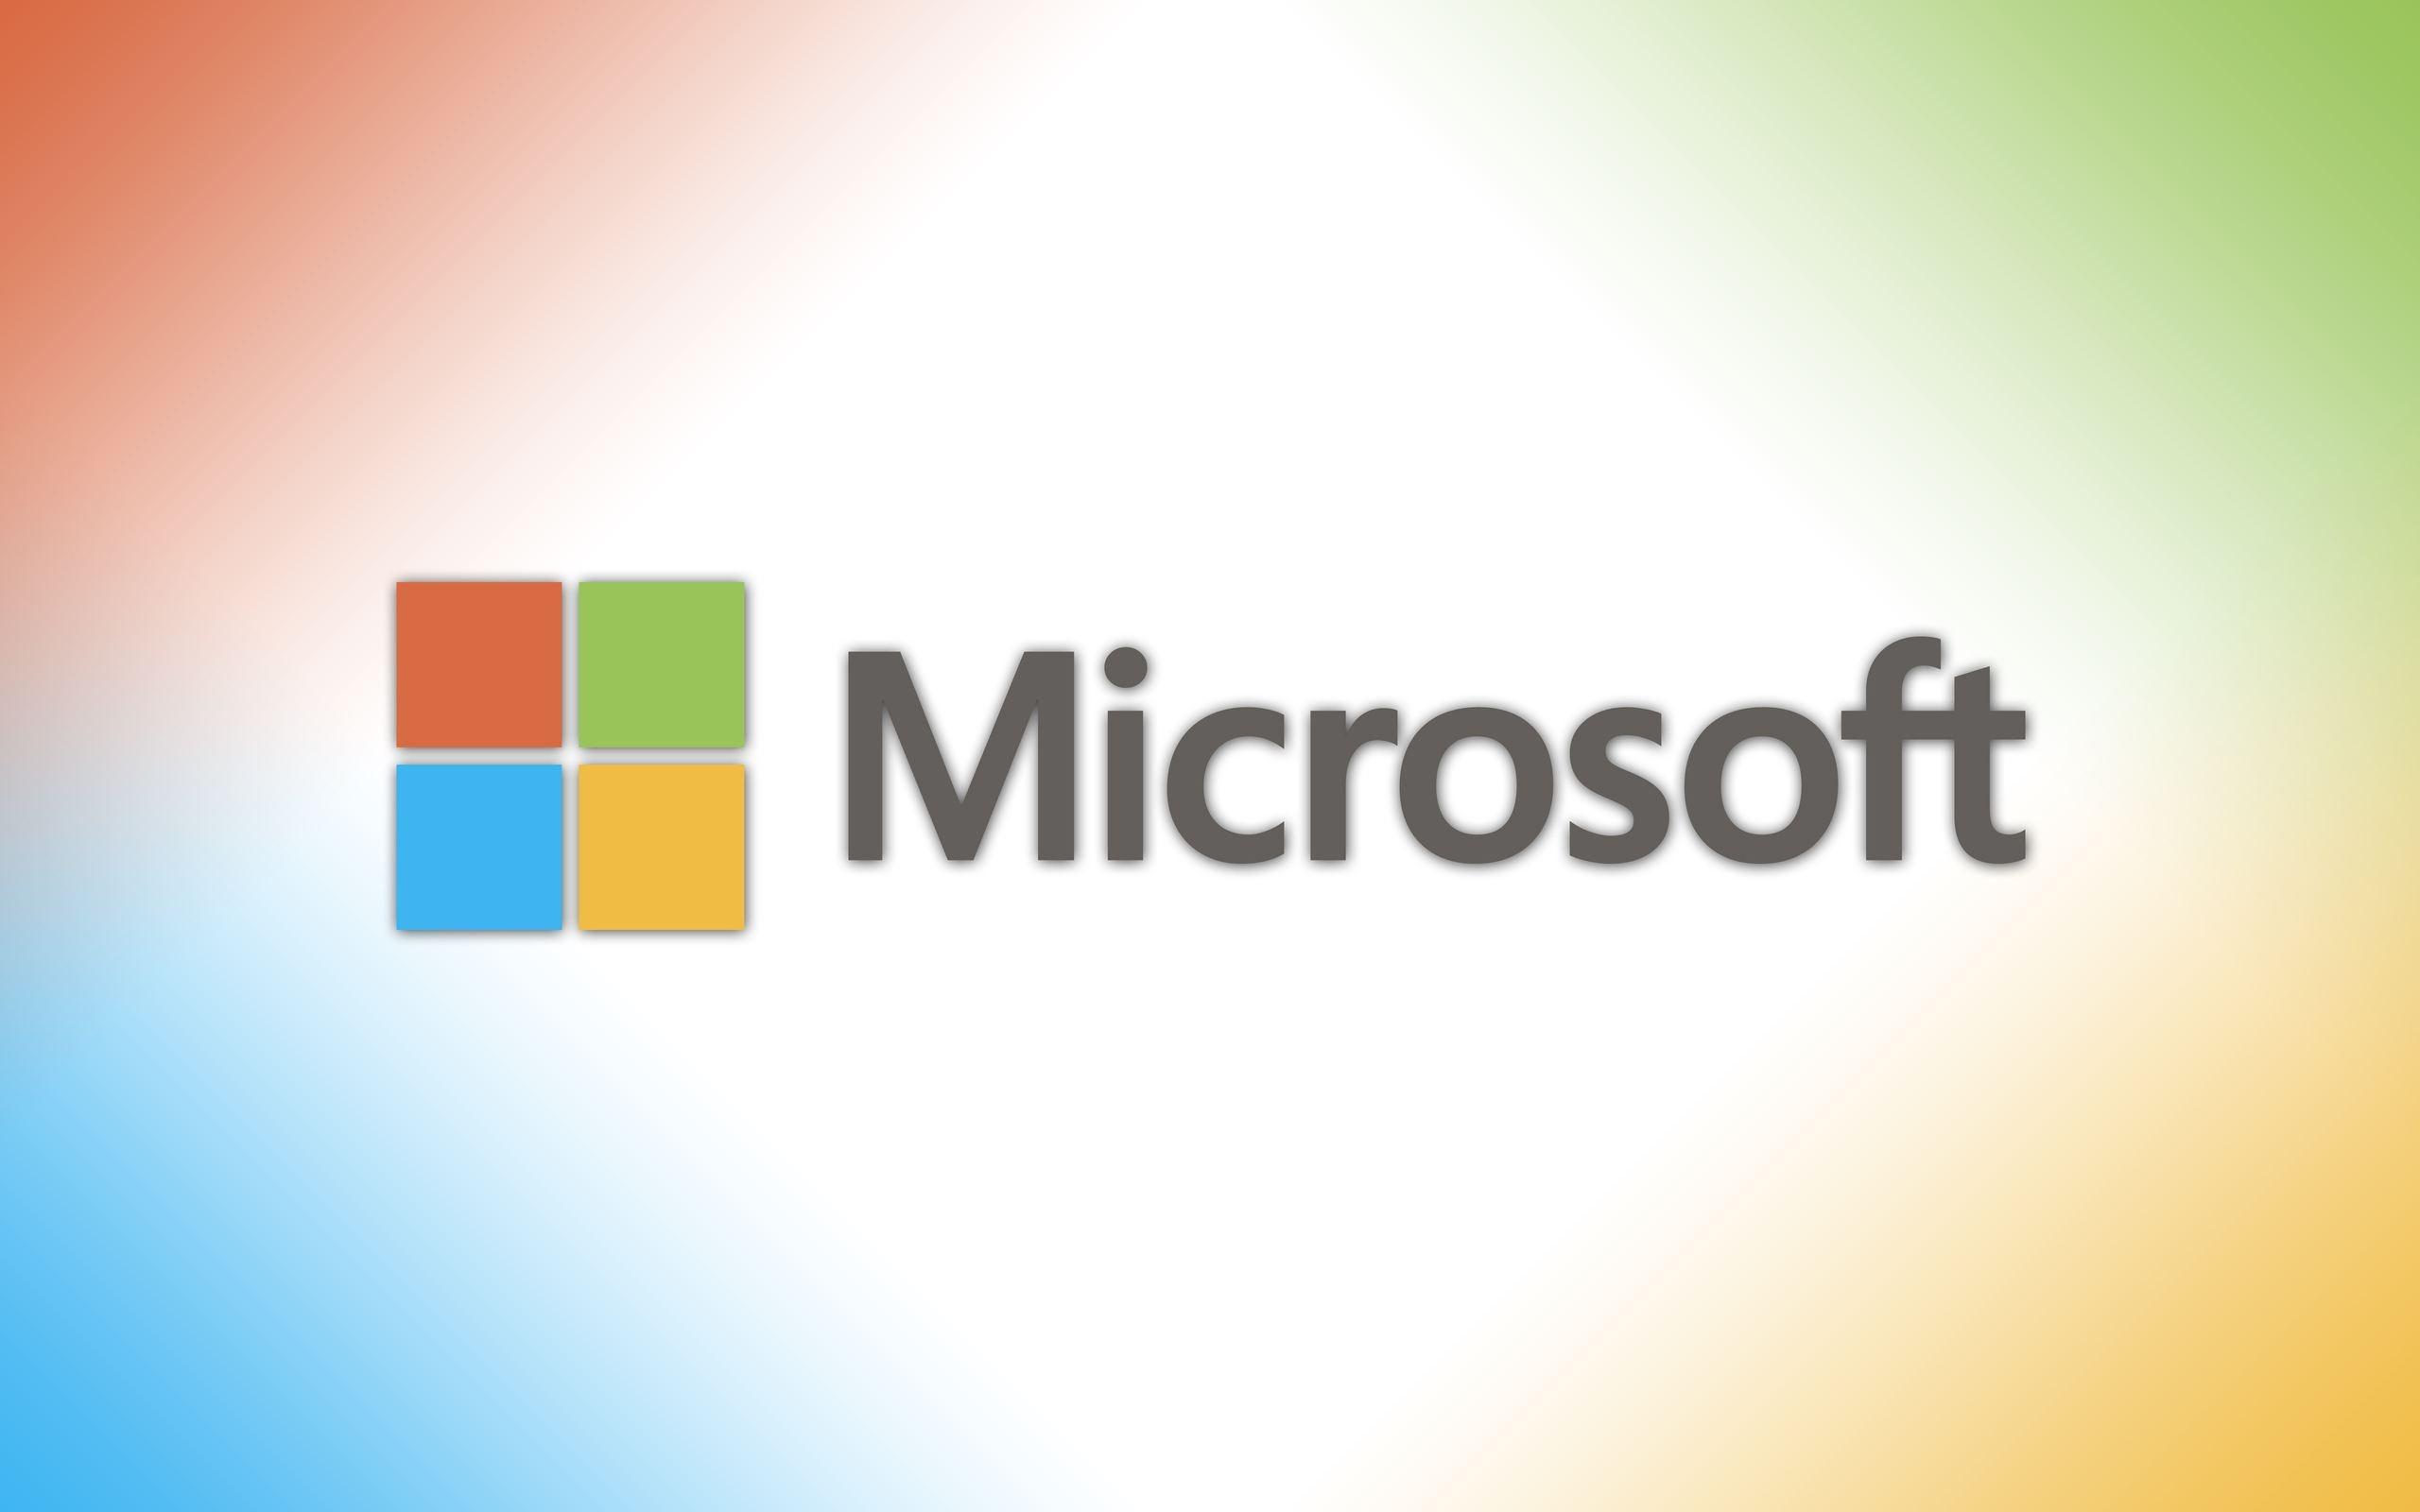 HD Microsoft Wallpapers - WallpaperSafari